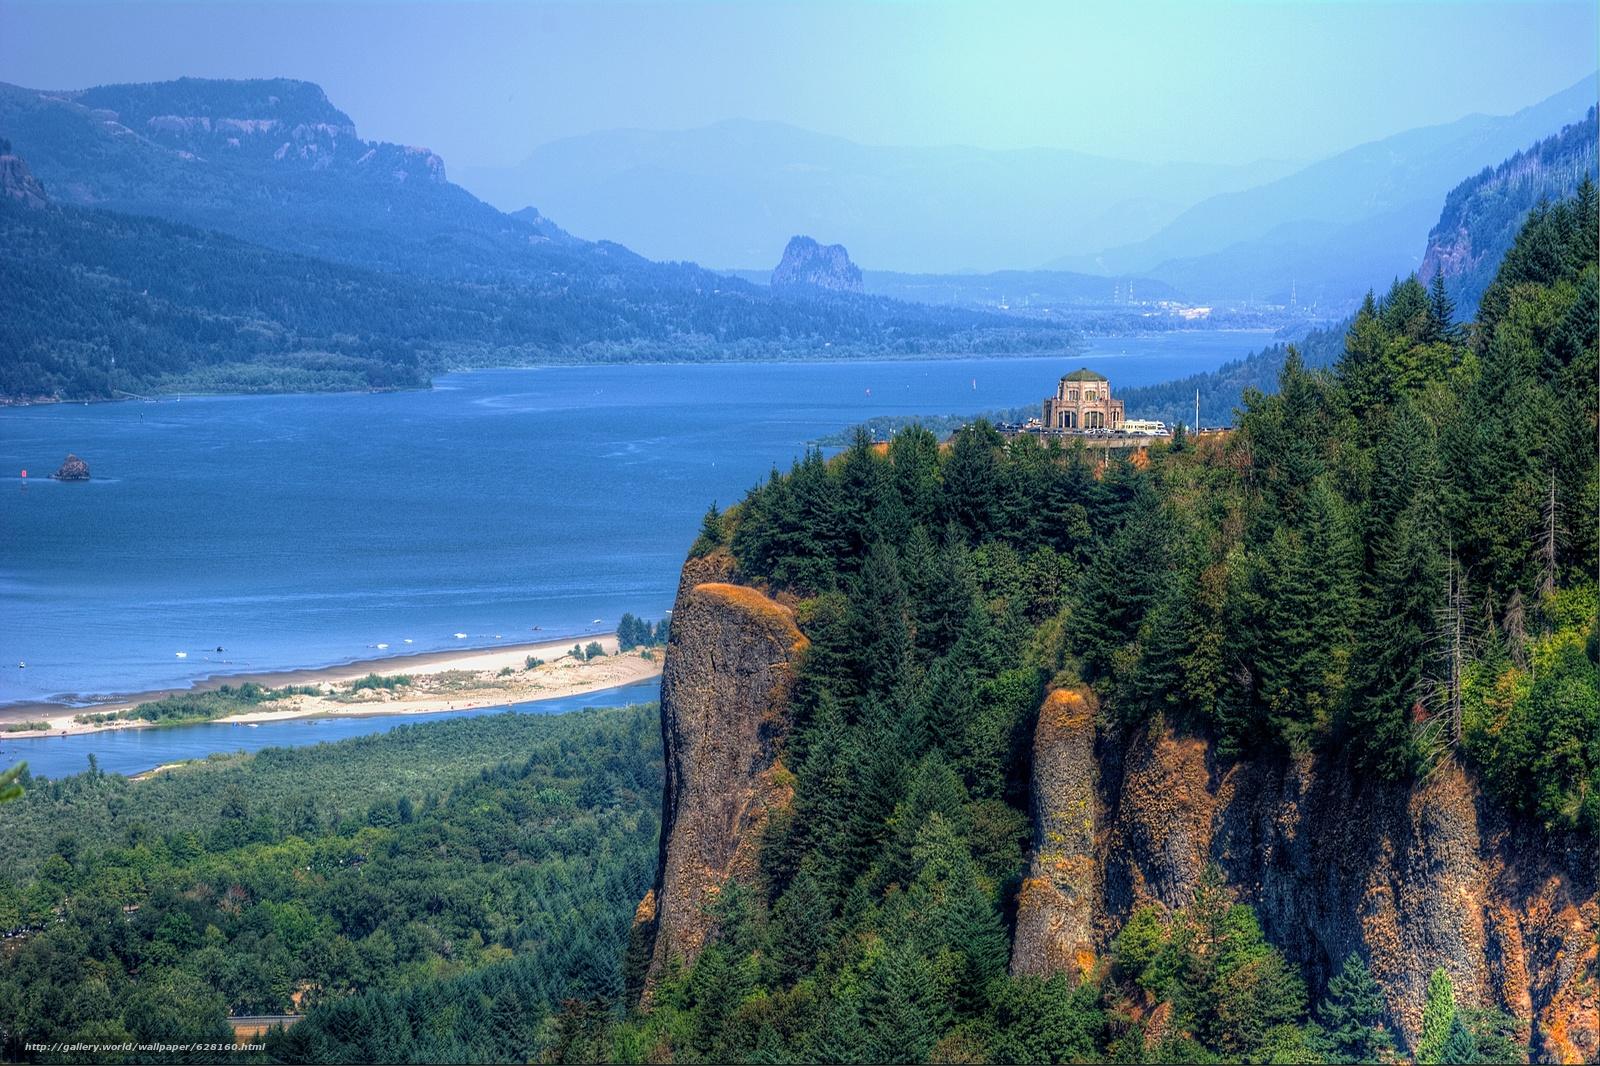 Скачать обои Виста Дом,  Краун Пойнт,  в ущелье реки Колумбия,  Орегон бесплатно для рабочего стола в разрешении 6036x4020 — картинка №628160